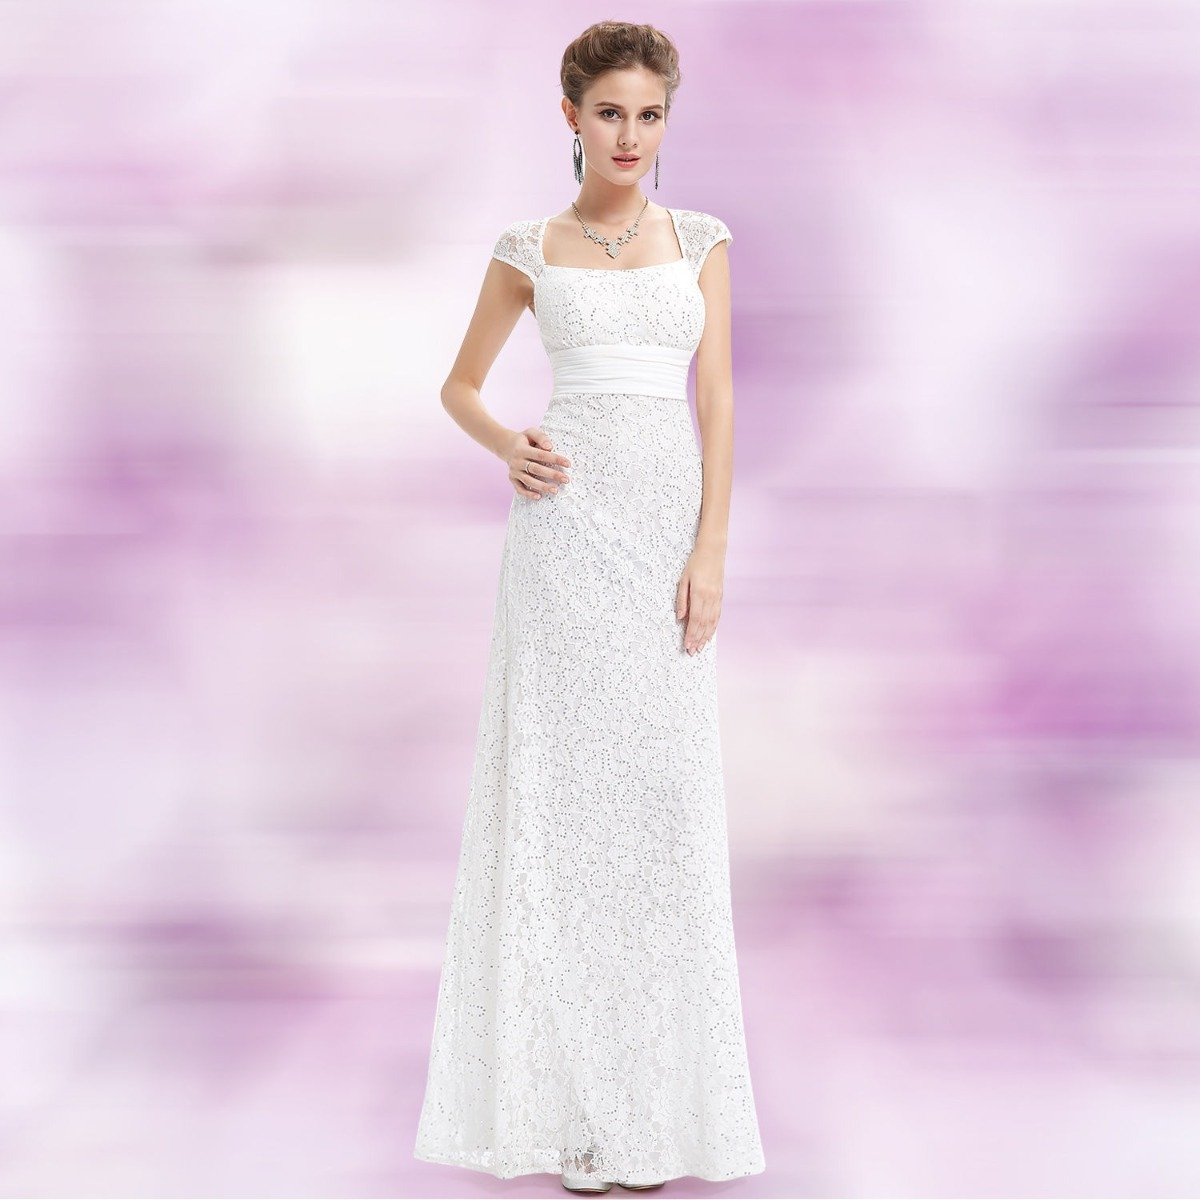 Sensual Vestido Al Cuerpo Talle Grande Importado Moda Pasion ...